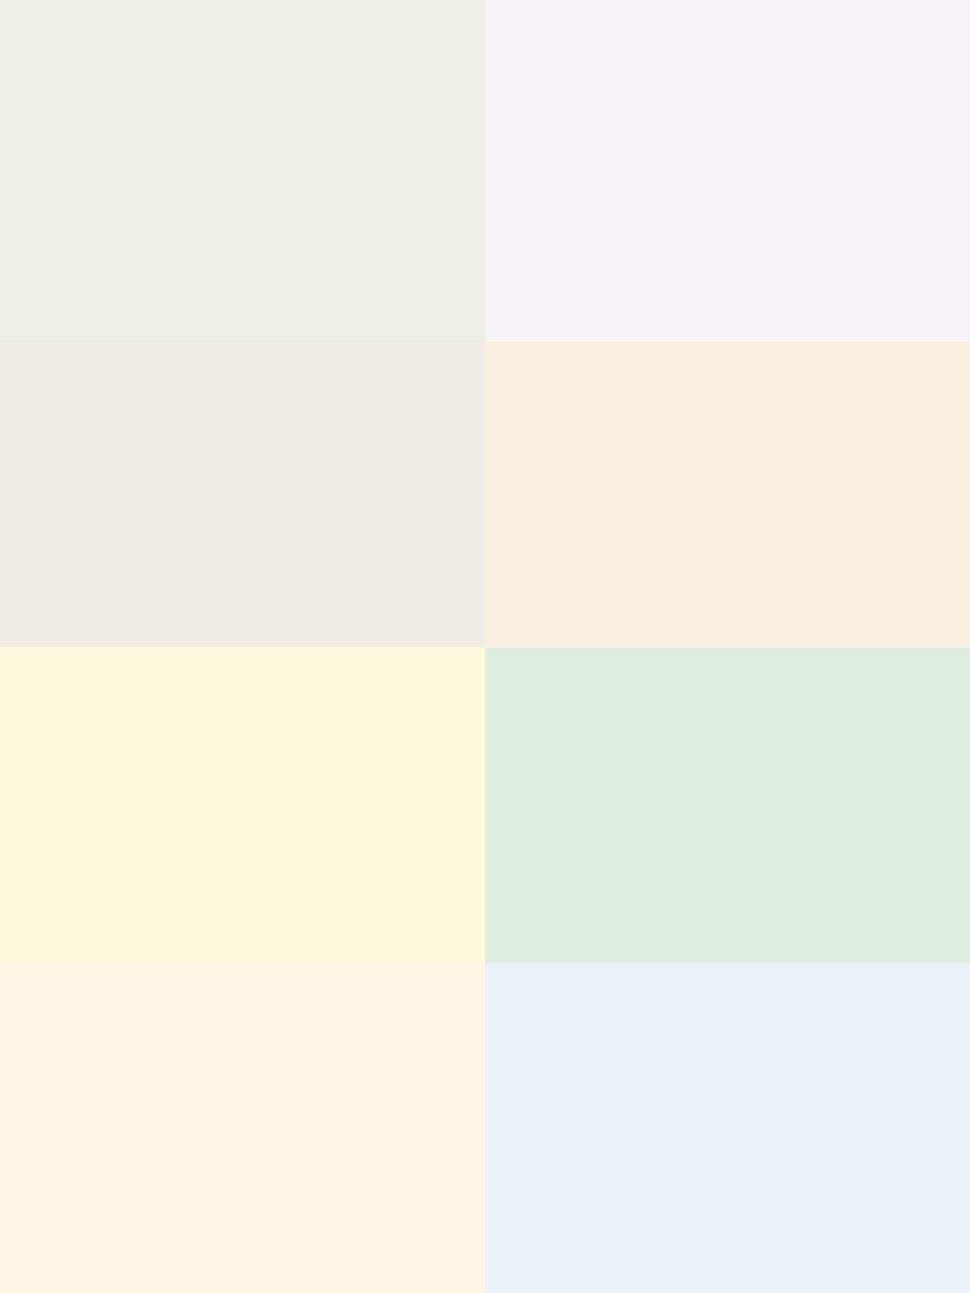 Farbvarianten in der Übersicht